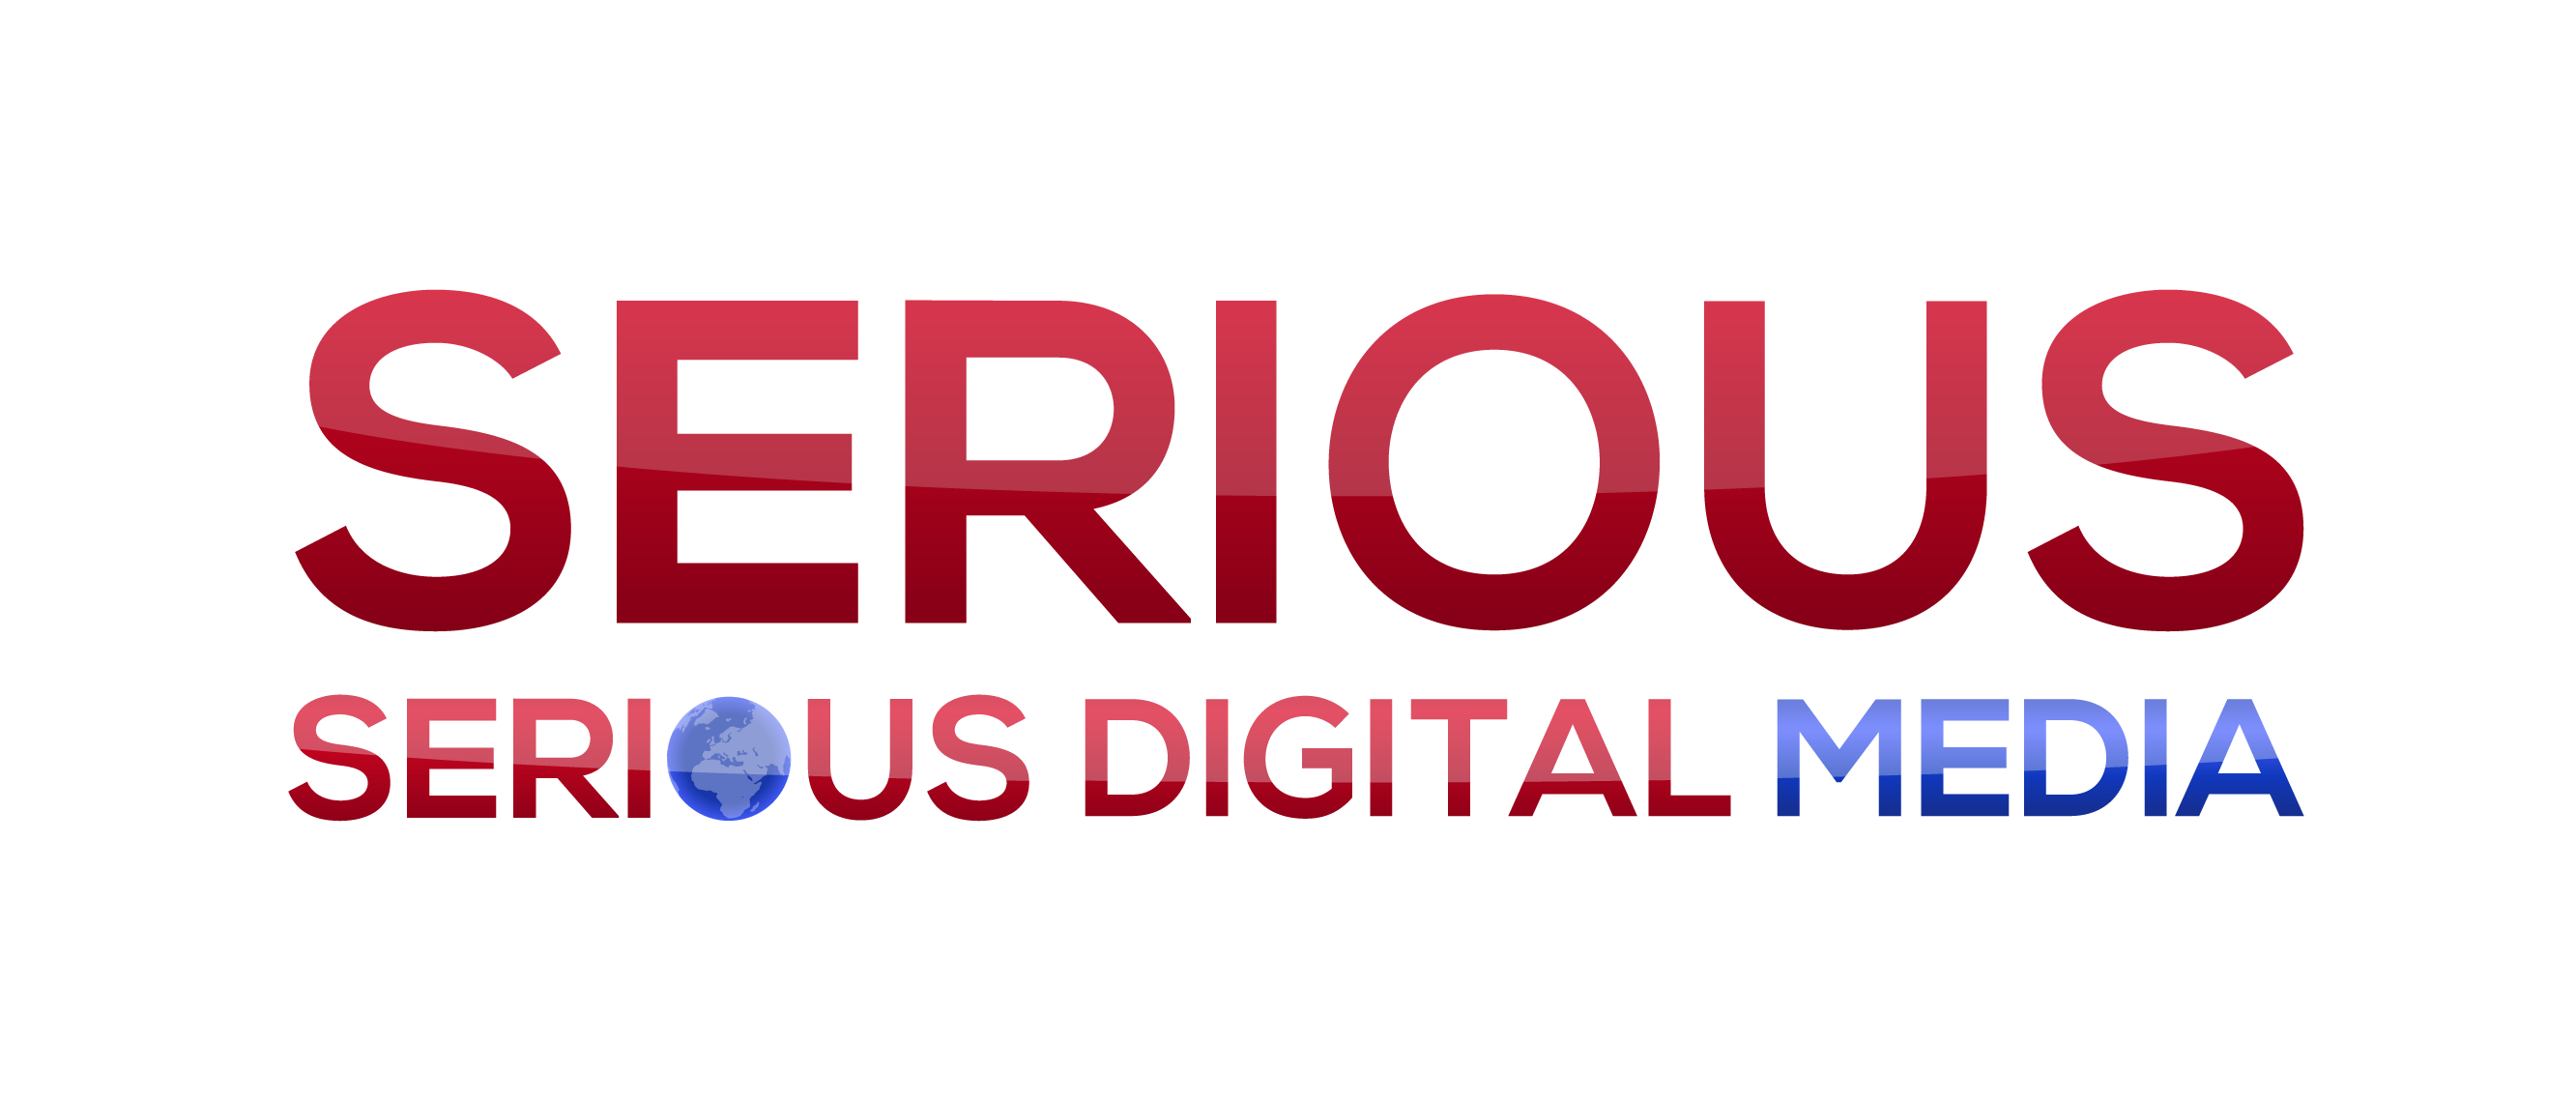 Serious Digital Media